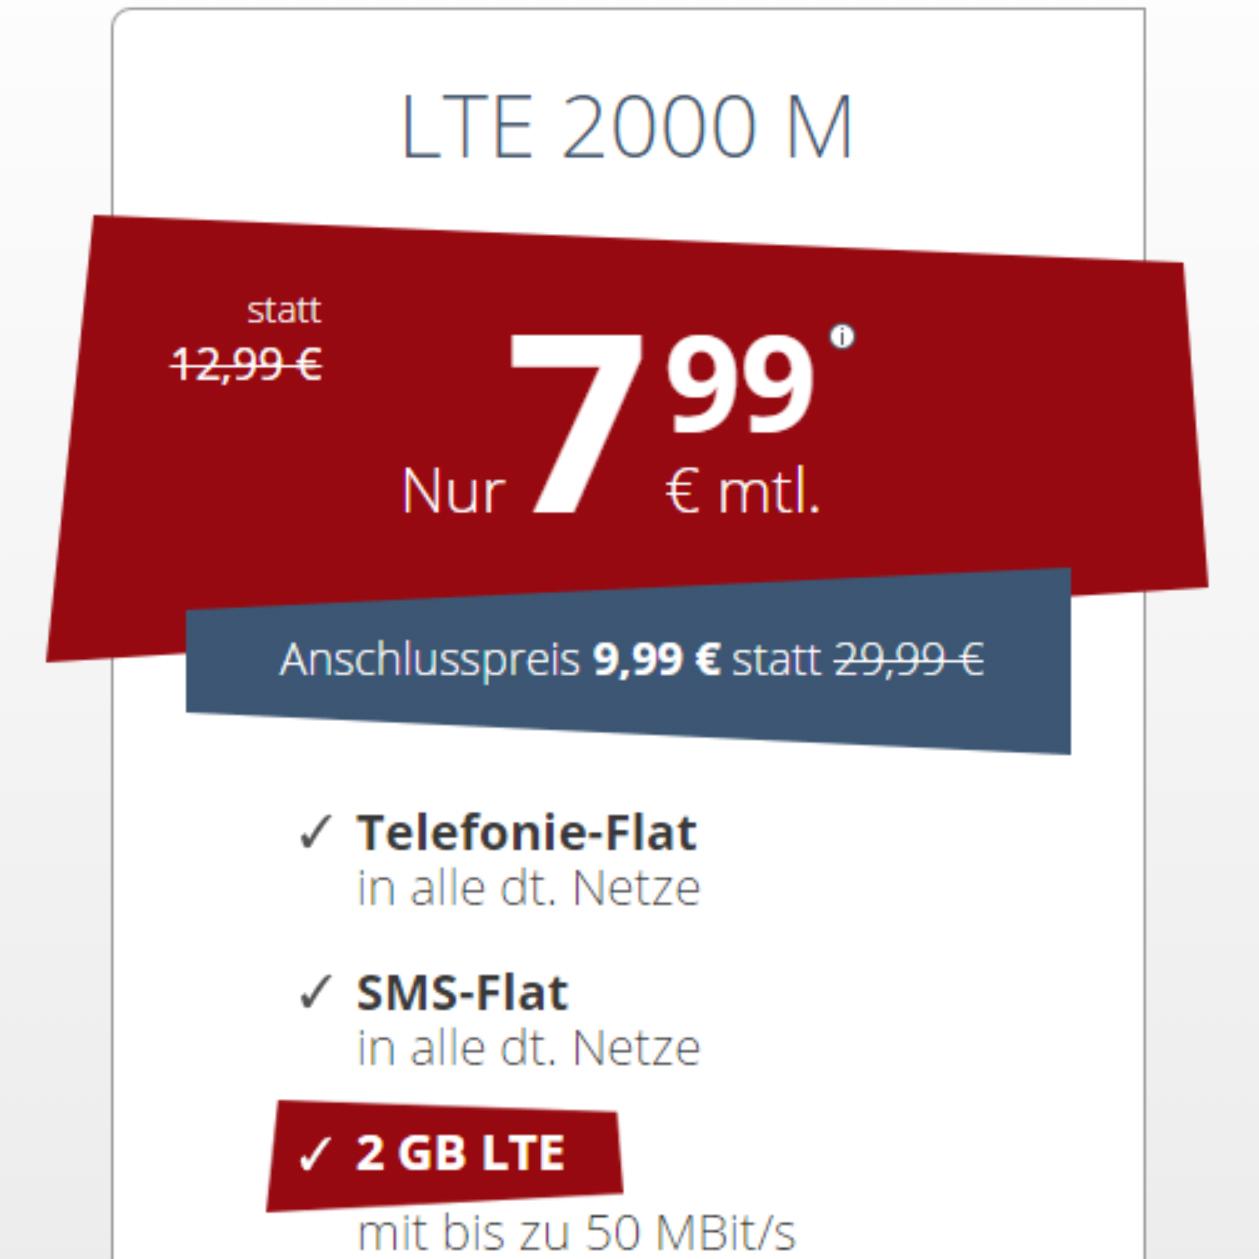 Drillisch kontert Tarifhaus-Preise aus: Allnet Flat + 2 GB LTE + EU Flat + monatlich kündbar für 7,99 € / Monat oder mit 3 GB für 9,99 € / Monat *letzte Chance*